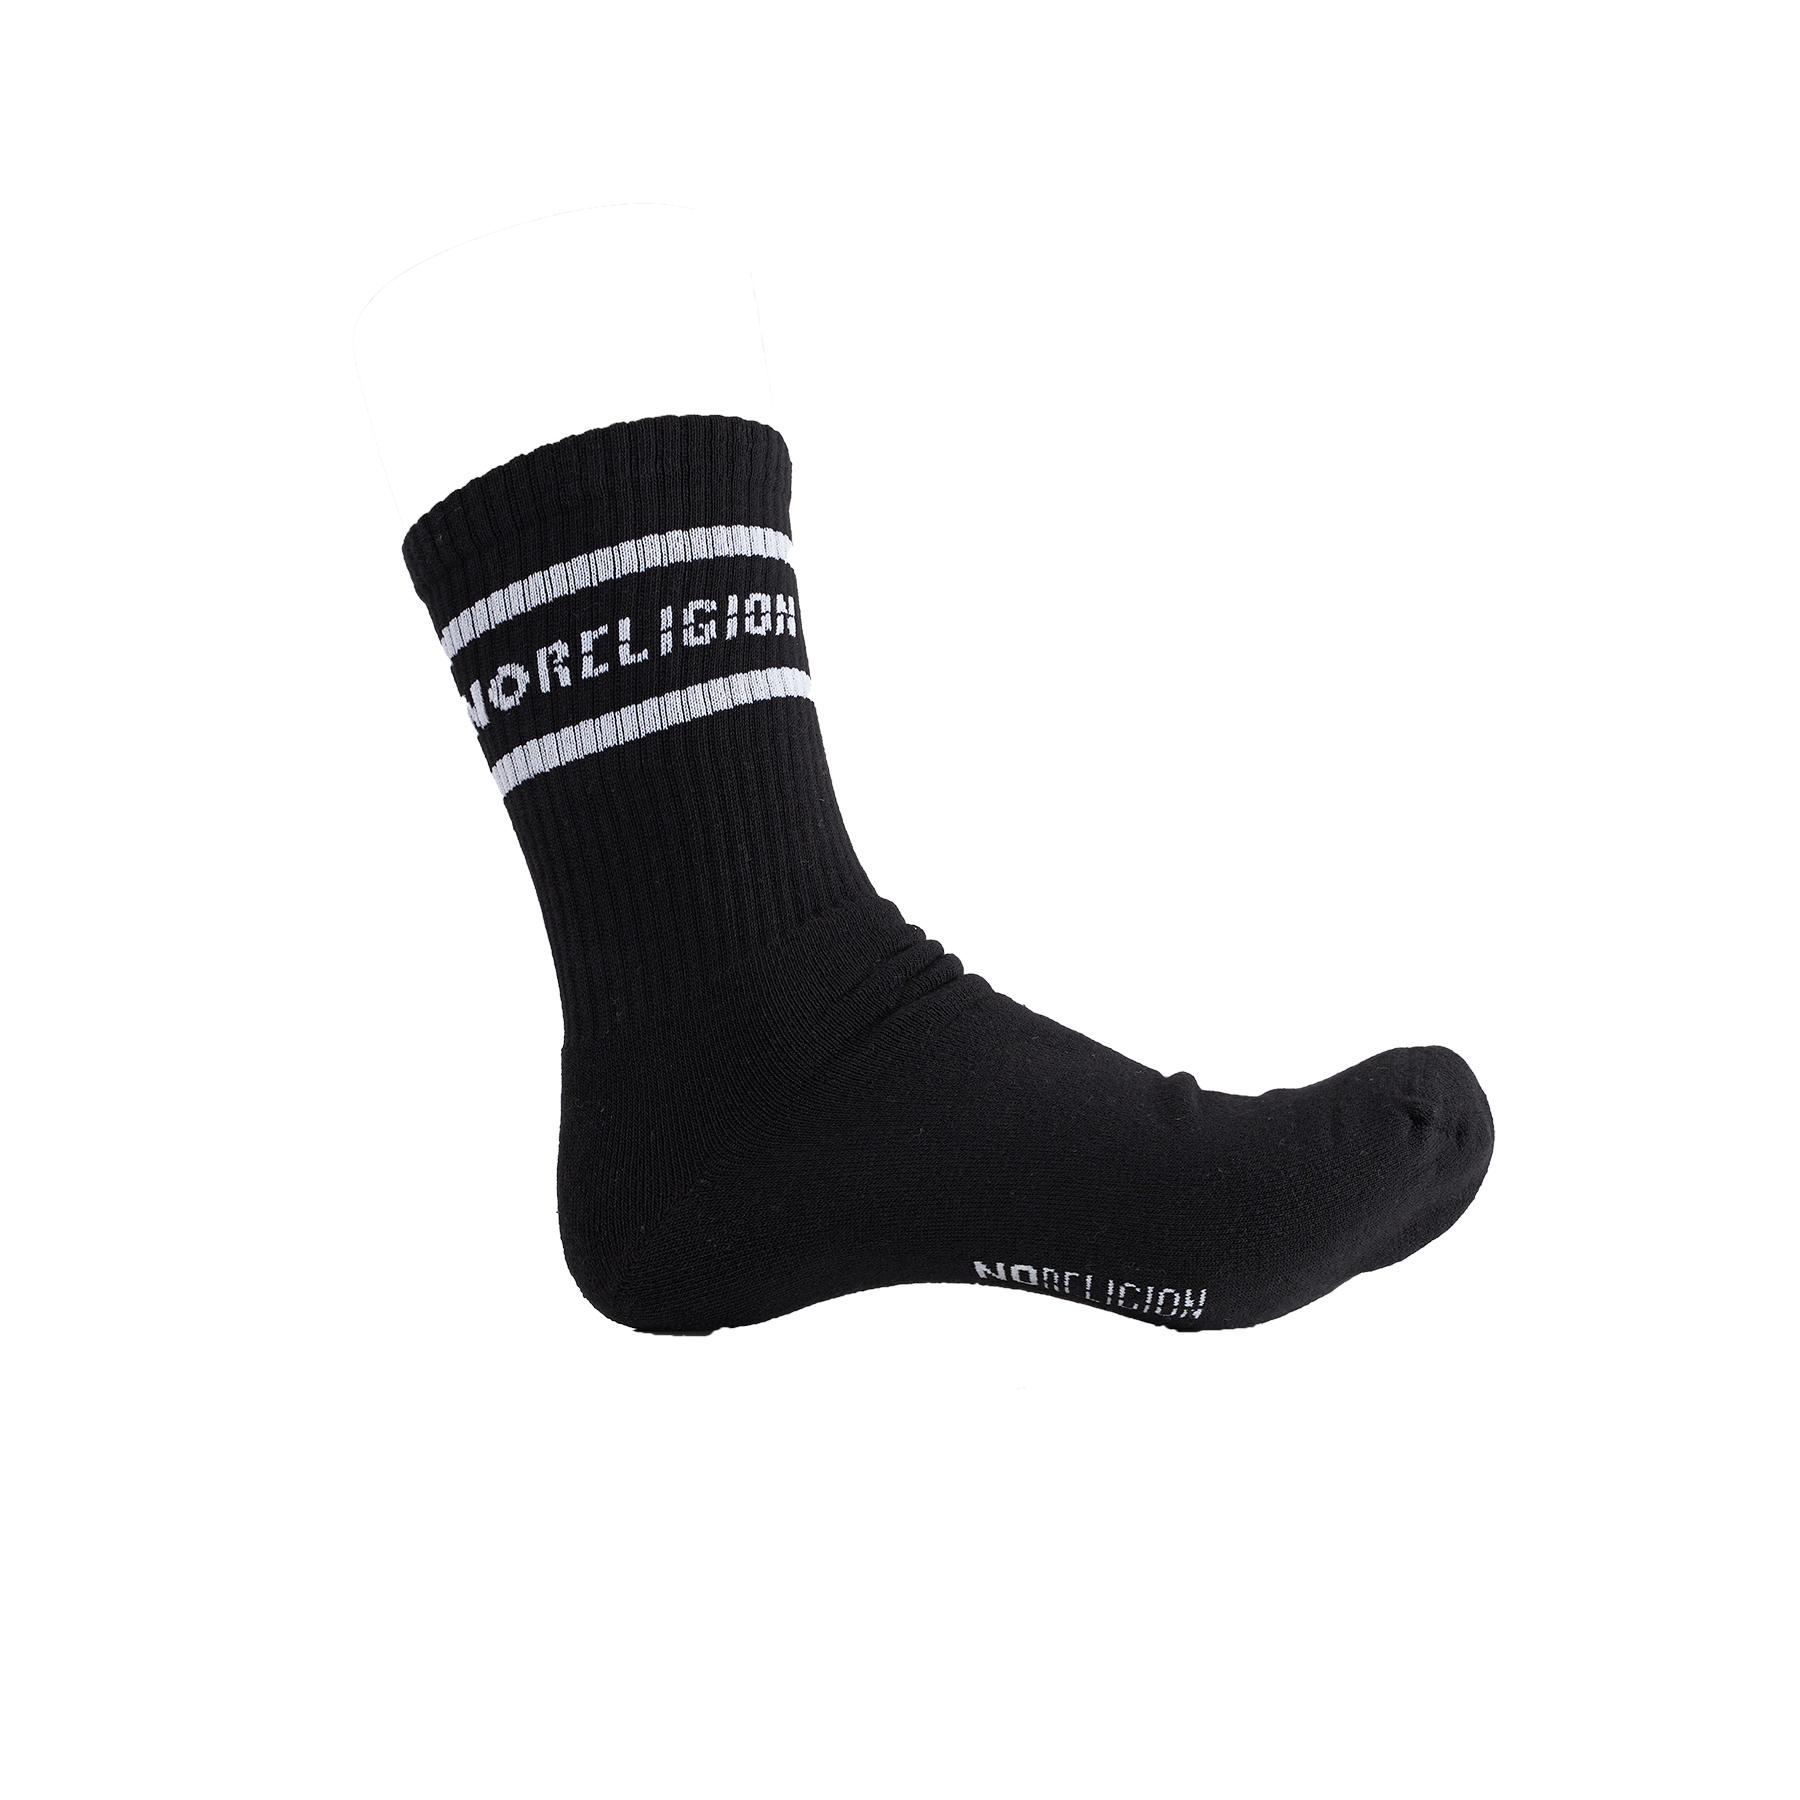 Noreligion - Tennis sock - Undertøj til mænd - B/BLACK W. WHITE - O/S